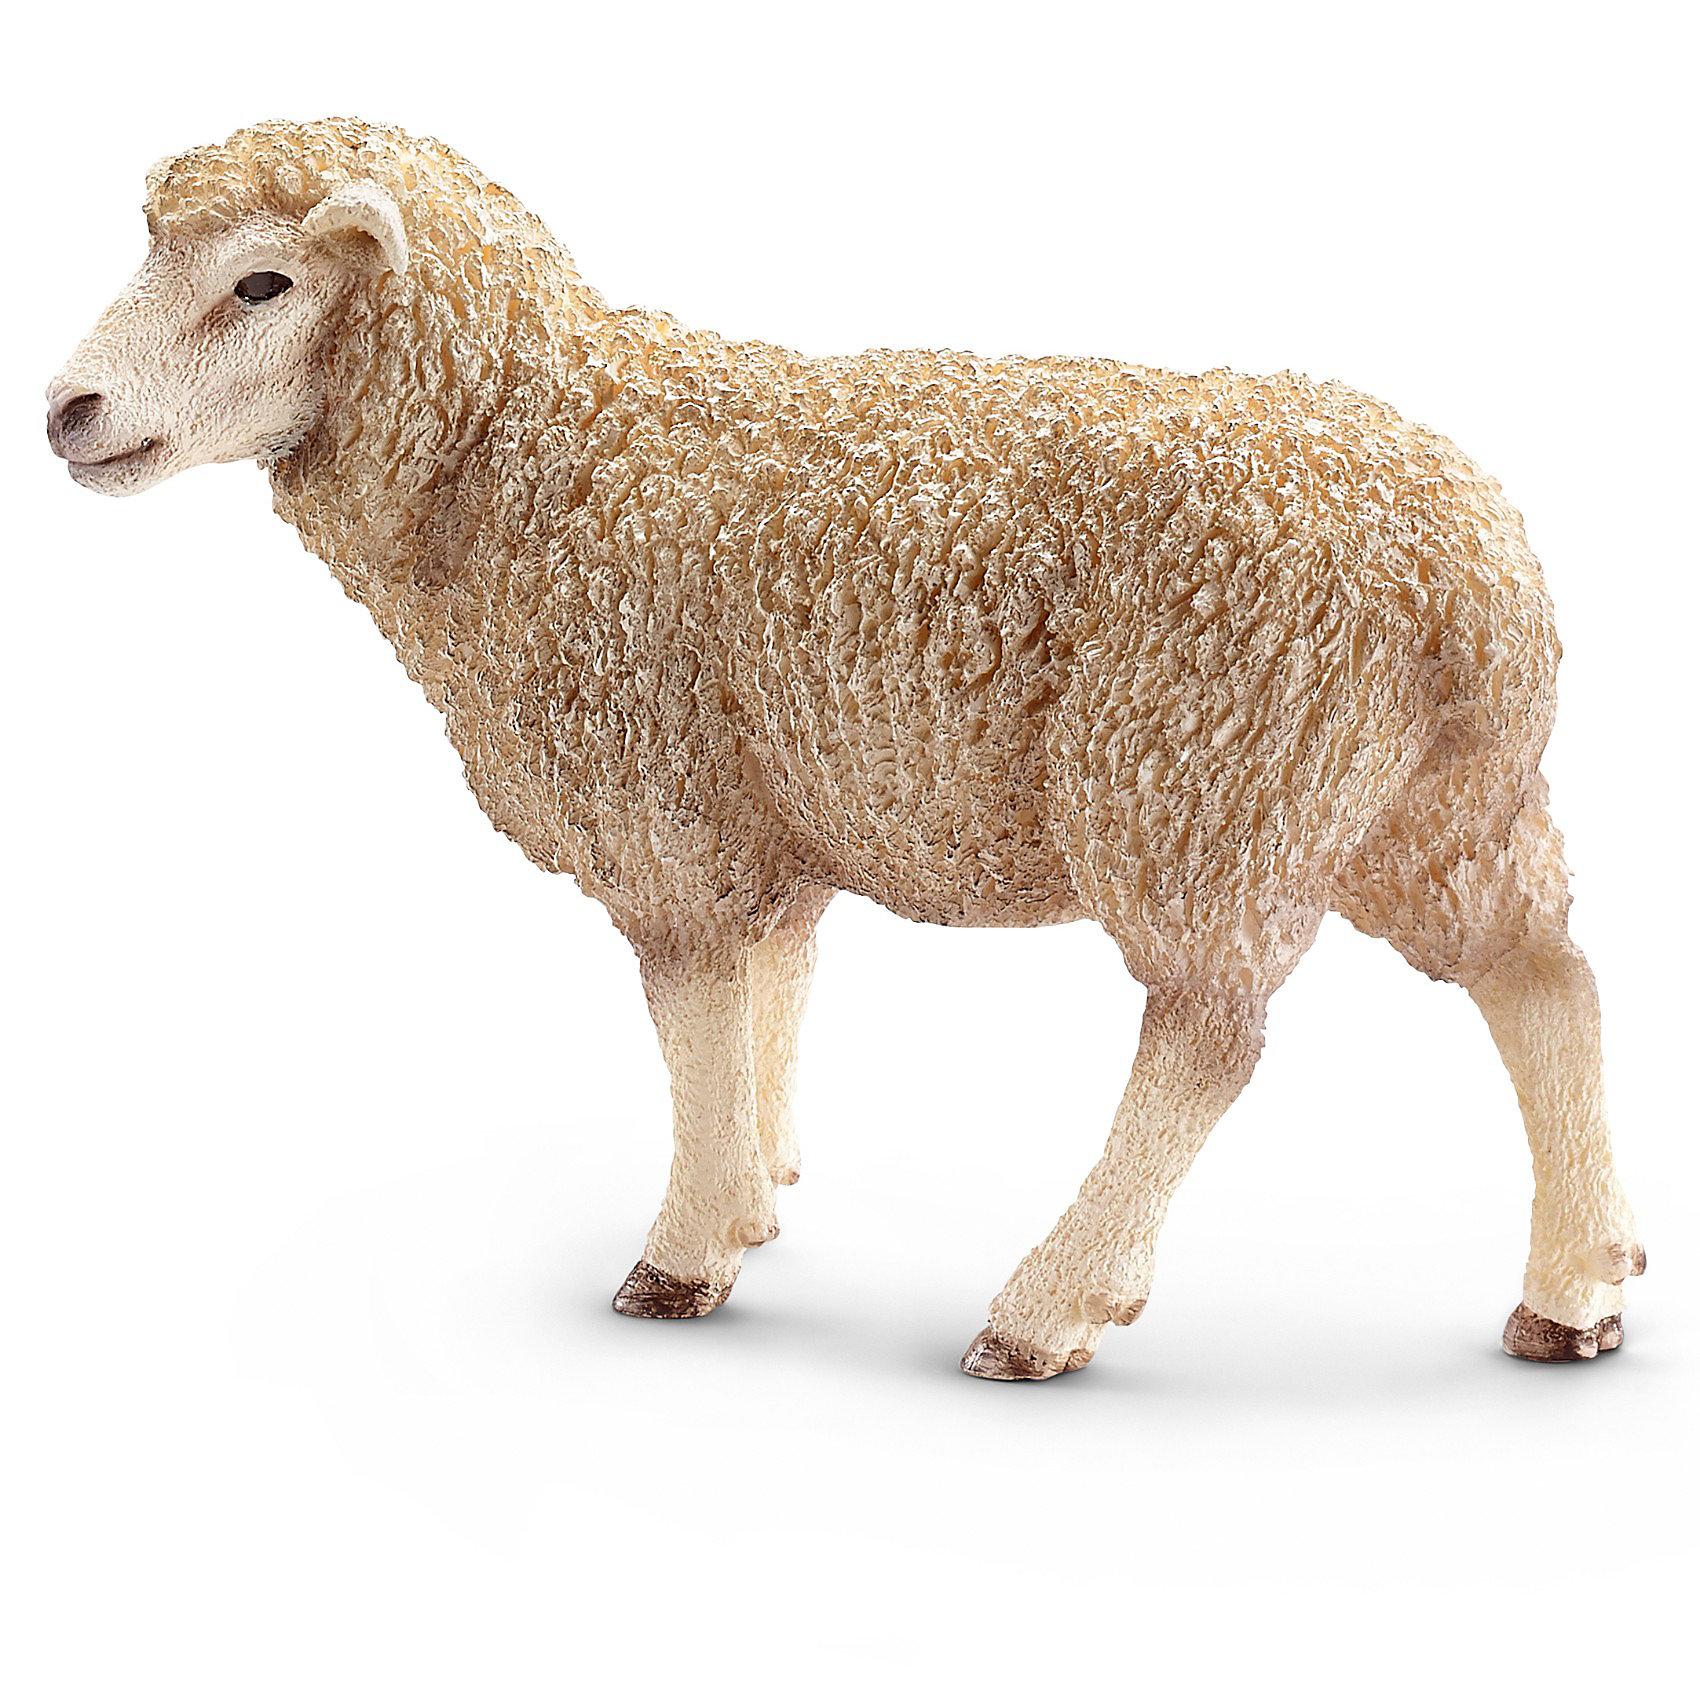 Овца, SchleichМир животных<br>Овца, Schleich (Шляйх) -   коллекционная и игровая фигурка от немецкого производителя Schleich (Шляйх).<br>Фигурка Овцы прекрасно разнообразит игру вашего ребенка и станет отличным пополнением коллекции его фигурок домашних животных. Овечка со шкурой молочного цвета легко поместится в маленьких детских ручках и будет удобна для игры. Овцы используются в домашнем хозяйстве на протяжении многих веков. С их помощью люди получали мясо и шерсть. Существует несколько пород овец и все они отличаются по окрасу и размерам. Вес овец составляет от 45 до 180 кг. Овцы обладают достаточно ограниченным зрением и видят хорошо только перед собой, при этом, у них очень острый слух, но перемещаться они могут, в основном, за пастухом или следуя его командам. Все фигурки Schleich (Шляйх) сделаны из гипоаллергенных высокотехнологичных материалов, раскрашены вручную и не вызывают аллергии у ребенка. Прекрасно выполненные фигурки Schleich (Шляйх) отличаются высочайшим качеством игрушек ручной работы. Все они создаются при постоянном сотрудничестве с Берлинским зоопарком, а потому, являются максимально точной копией настоящих животных. Каждая фигурка разработана с учетом исследований в области педагогики и производится как настоящее произведение для маленьких детских ручек.<br><br>Дополнительная информация:<br><br>-Размер фигурки: 3,6 х 8,9 х 6,6 см.<br>-Вес фигурки: 18 грамм<br>-Материал: каучуковый пластик<br><br>Овца, Schleich (Шляйх) - подарит вашему ребенку радость и поможет знакомиться с окружающим миром.<br><br>Фигурку Овцы, Schleich (Шляйх) можно купить в нашем интернет-магазине.<br><br>Ширина мм: 84<br>Глубина мм: 83<br>Высота мм: 39<br>Вес г: 47<br>Возраст от месяцев: 36<br>Возраст до месяцев: 96<br>Пол: Унисекс<br>Возраст: Детский<br>SKU: 3443113